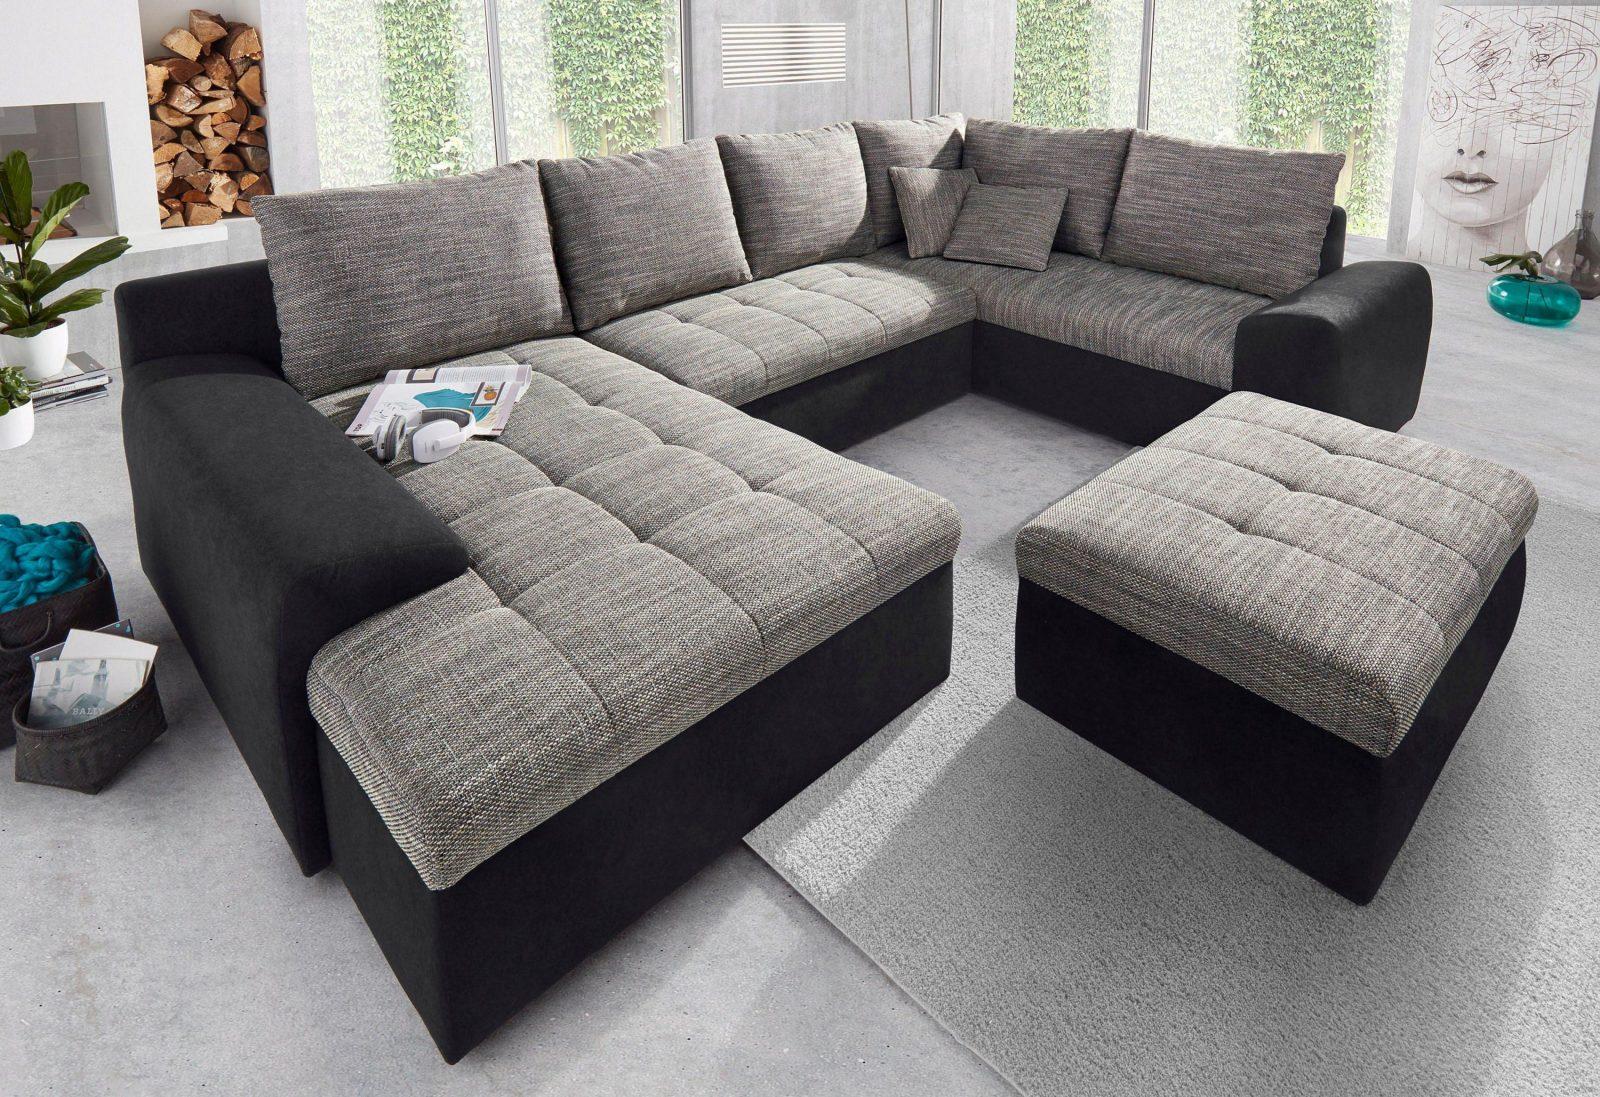 sit more wohnlandschaft mit ottomane und bettfunktion kaufen baur von sit and more. Black Bedroom Furniture Sets. Home Design Ideas